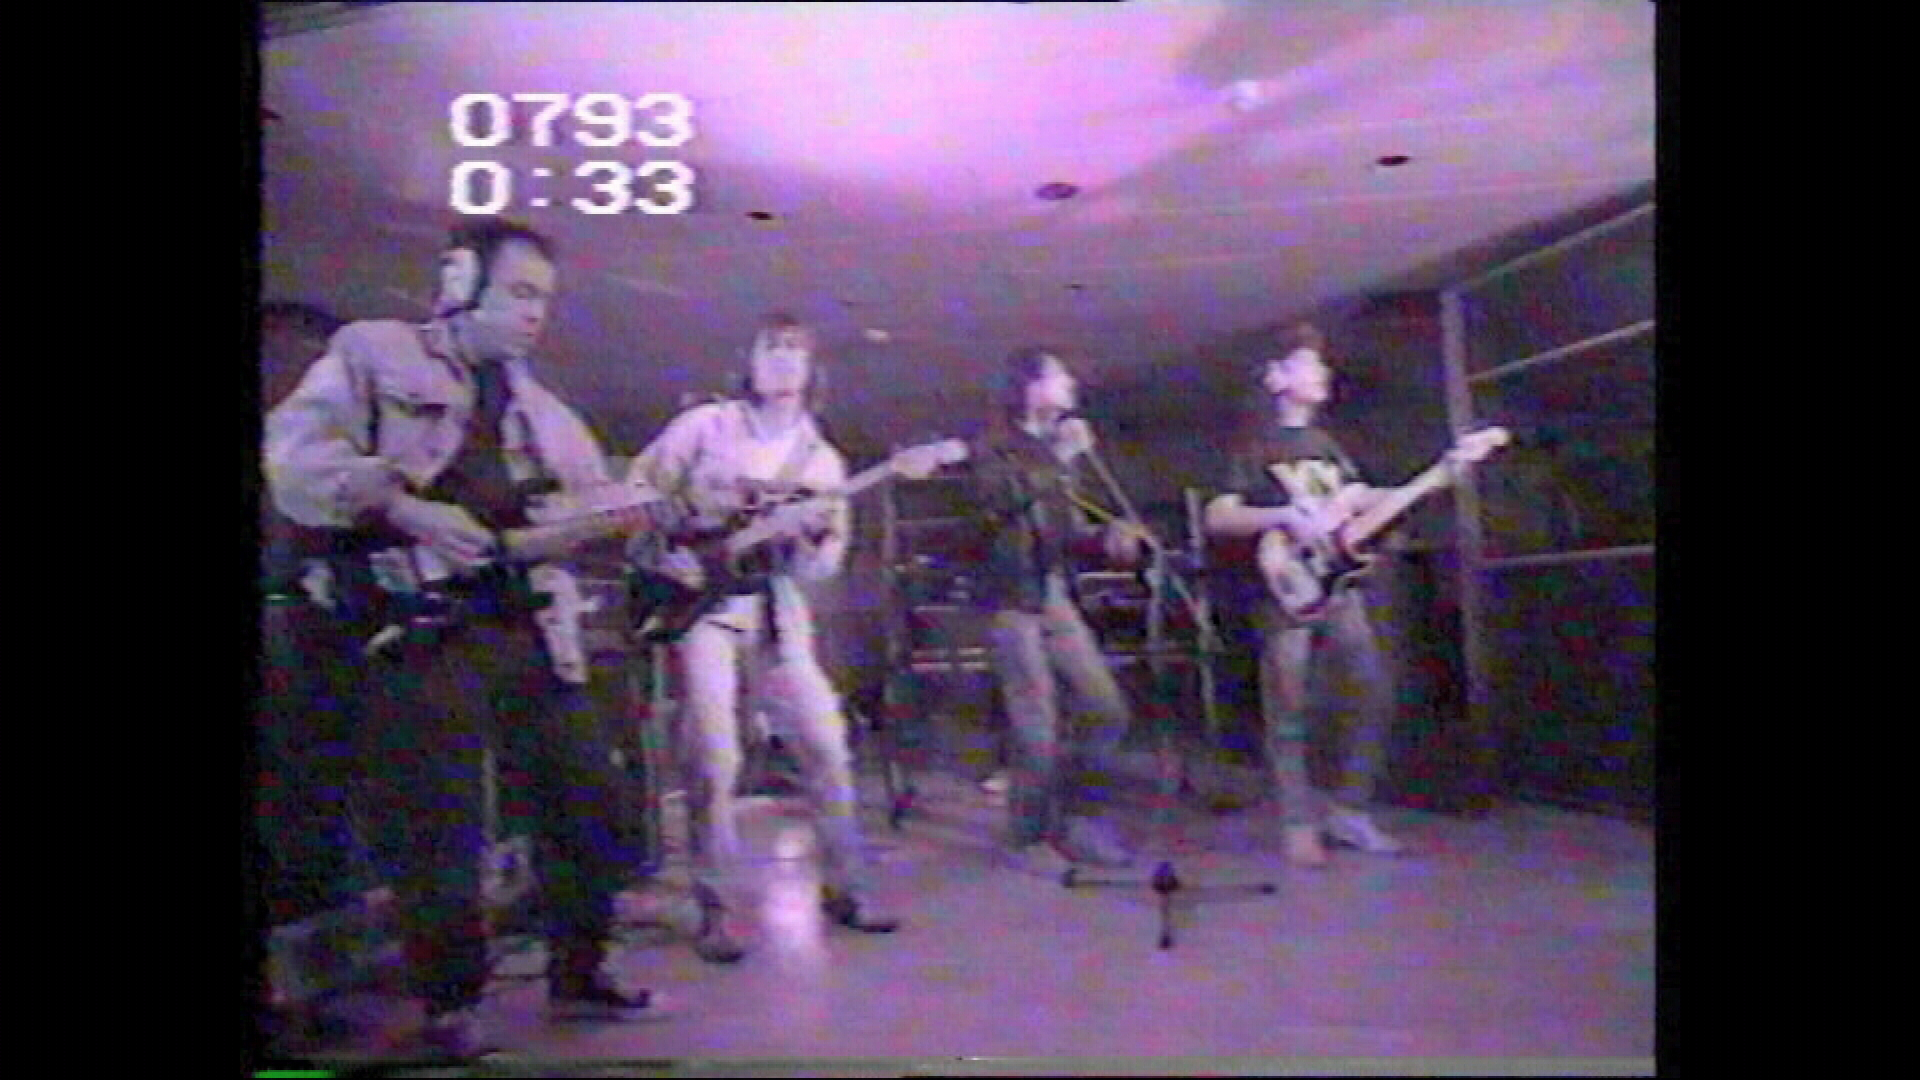 Imagini de colecţie cu trupa Holograf din urmă cu 20 de ani! Dan Bittman şi trupa pregătesc o seară plină de surprize la CANCAN TV